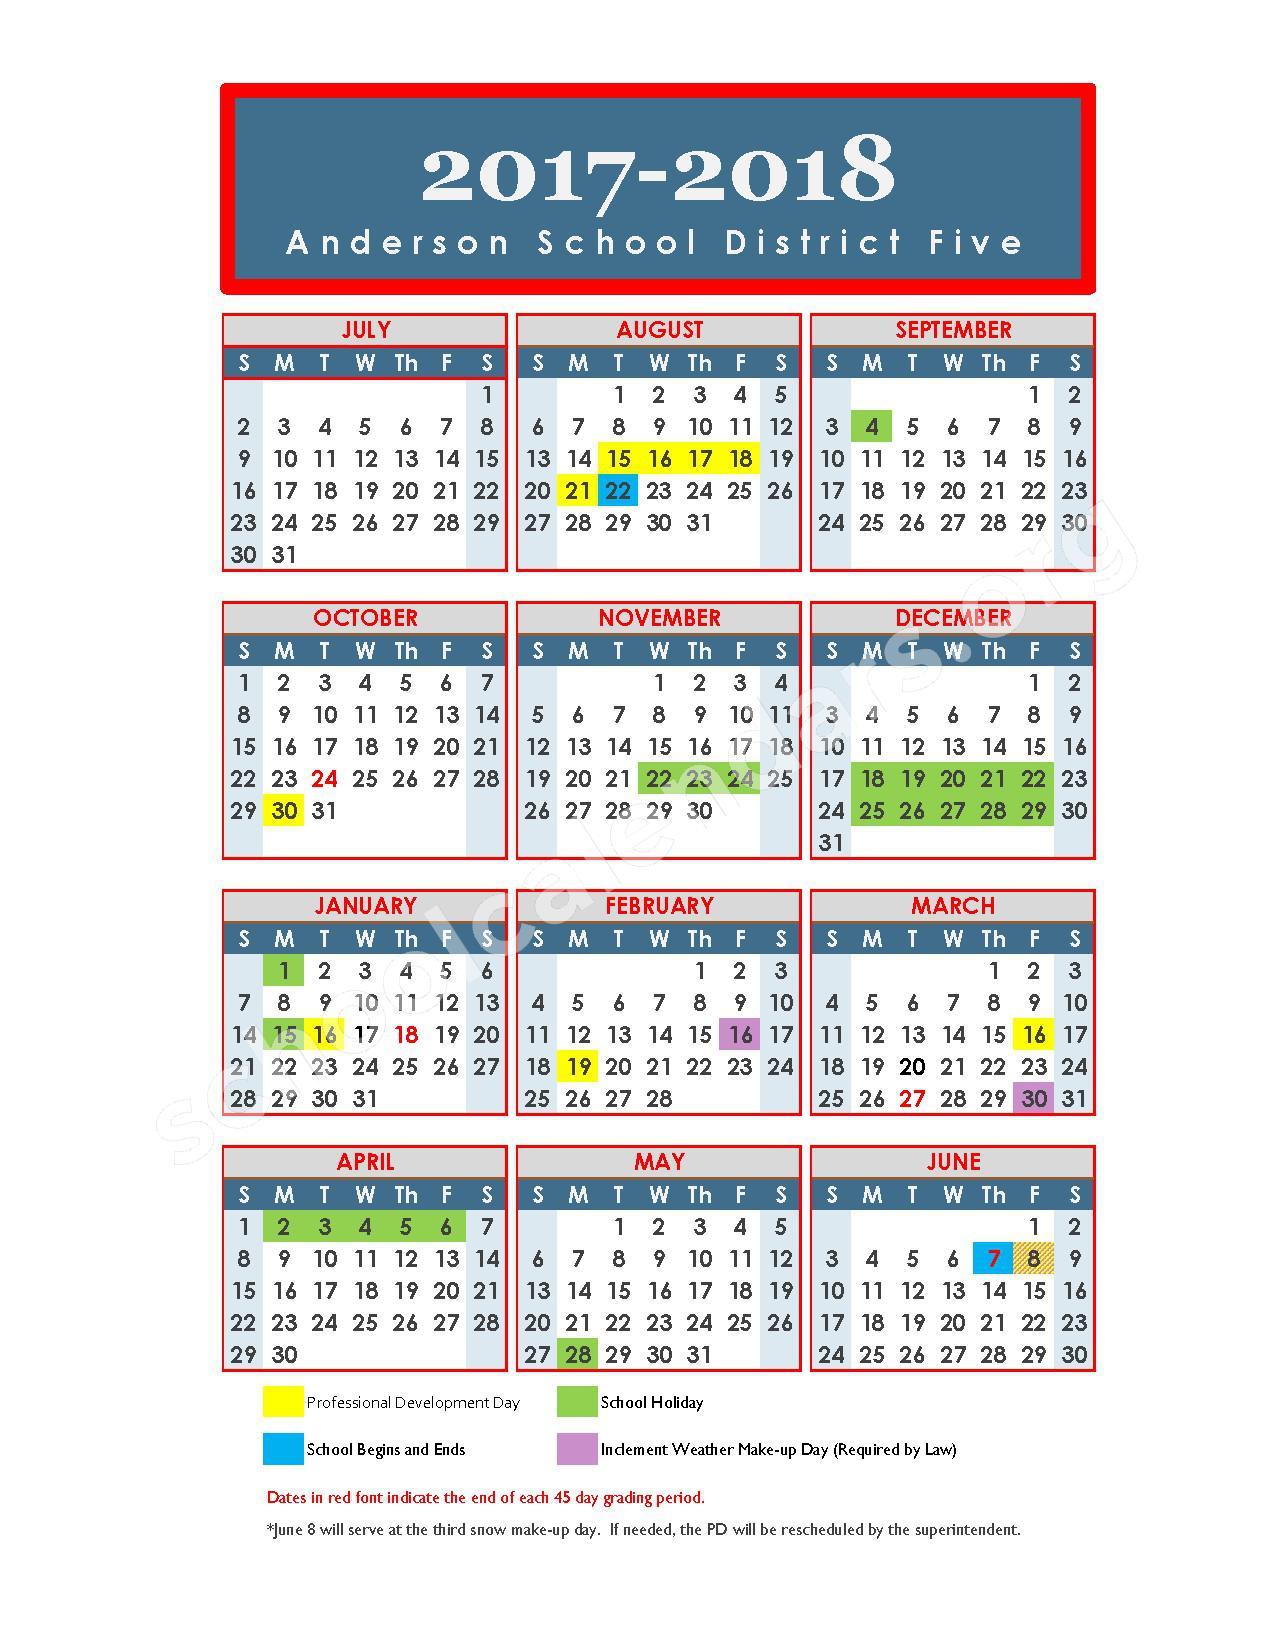 2017 - 2018 School Calendar – Anderson School District 5 – page 1